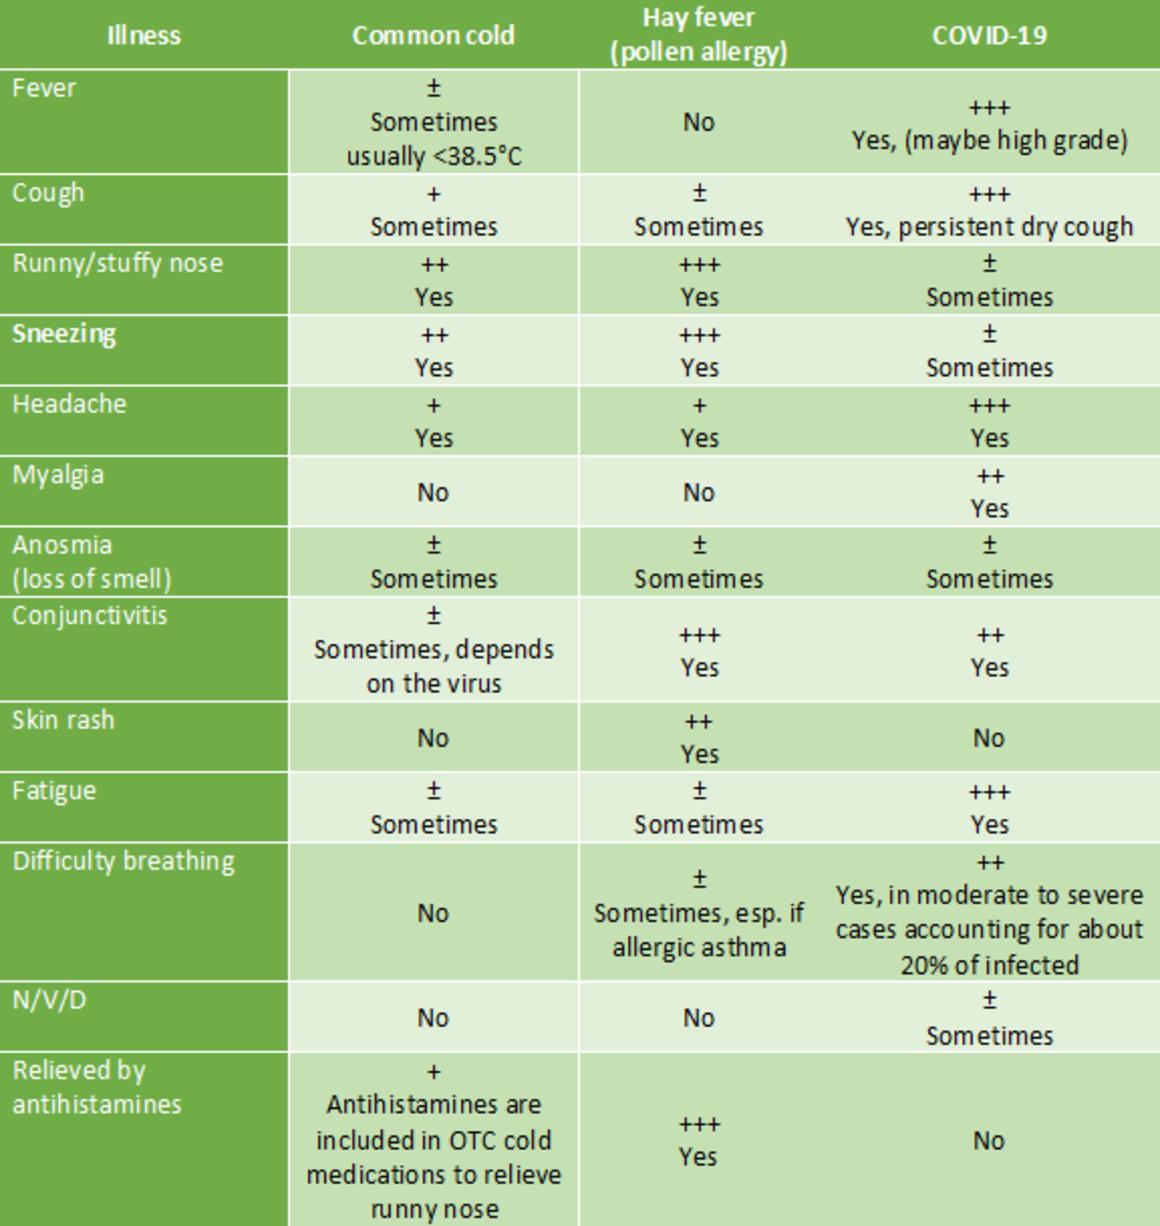 COVID-19 Coronavirus symptoms comparison flu and hay fever